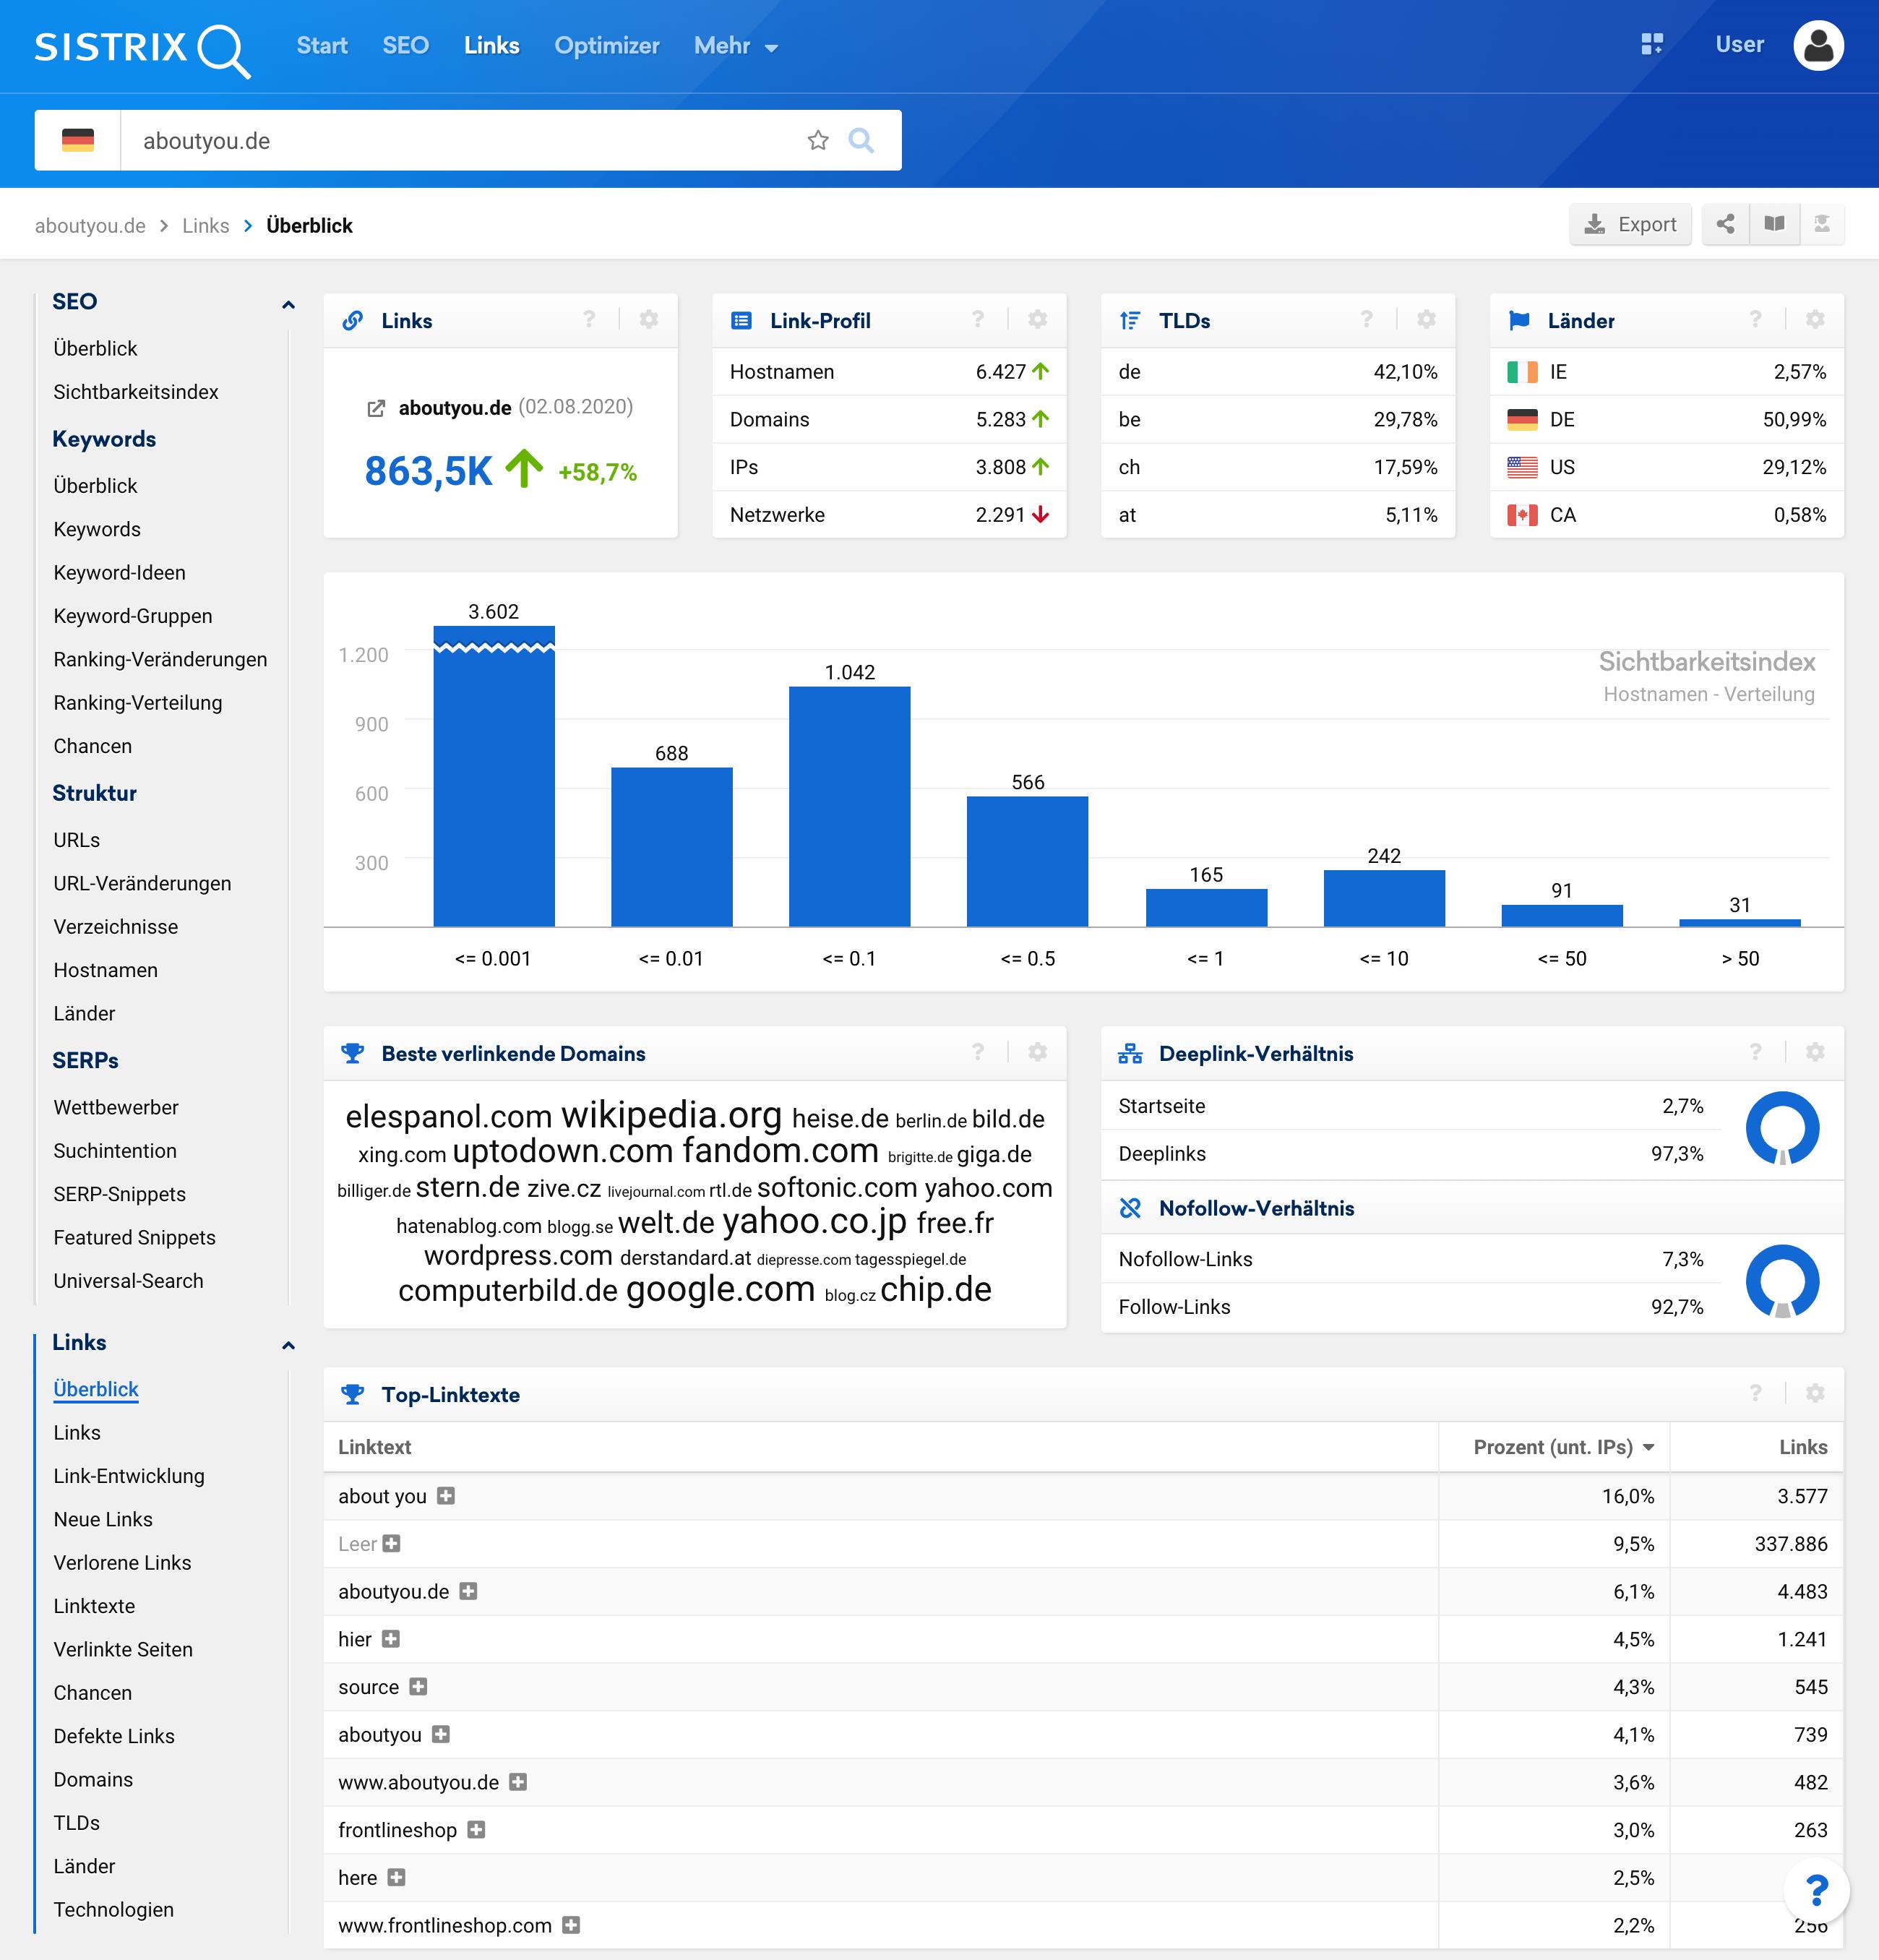 Überblick-Seite des Link-Moduls für die Domain aboutyou.de